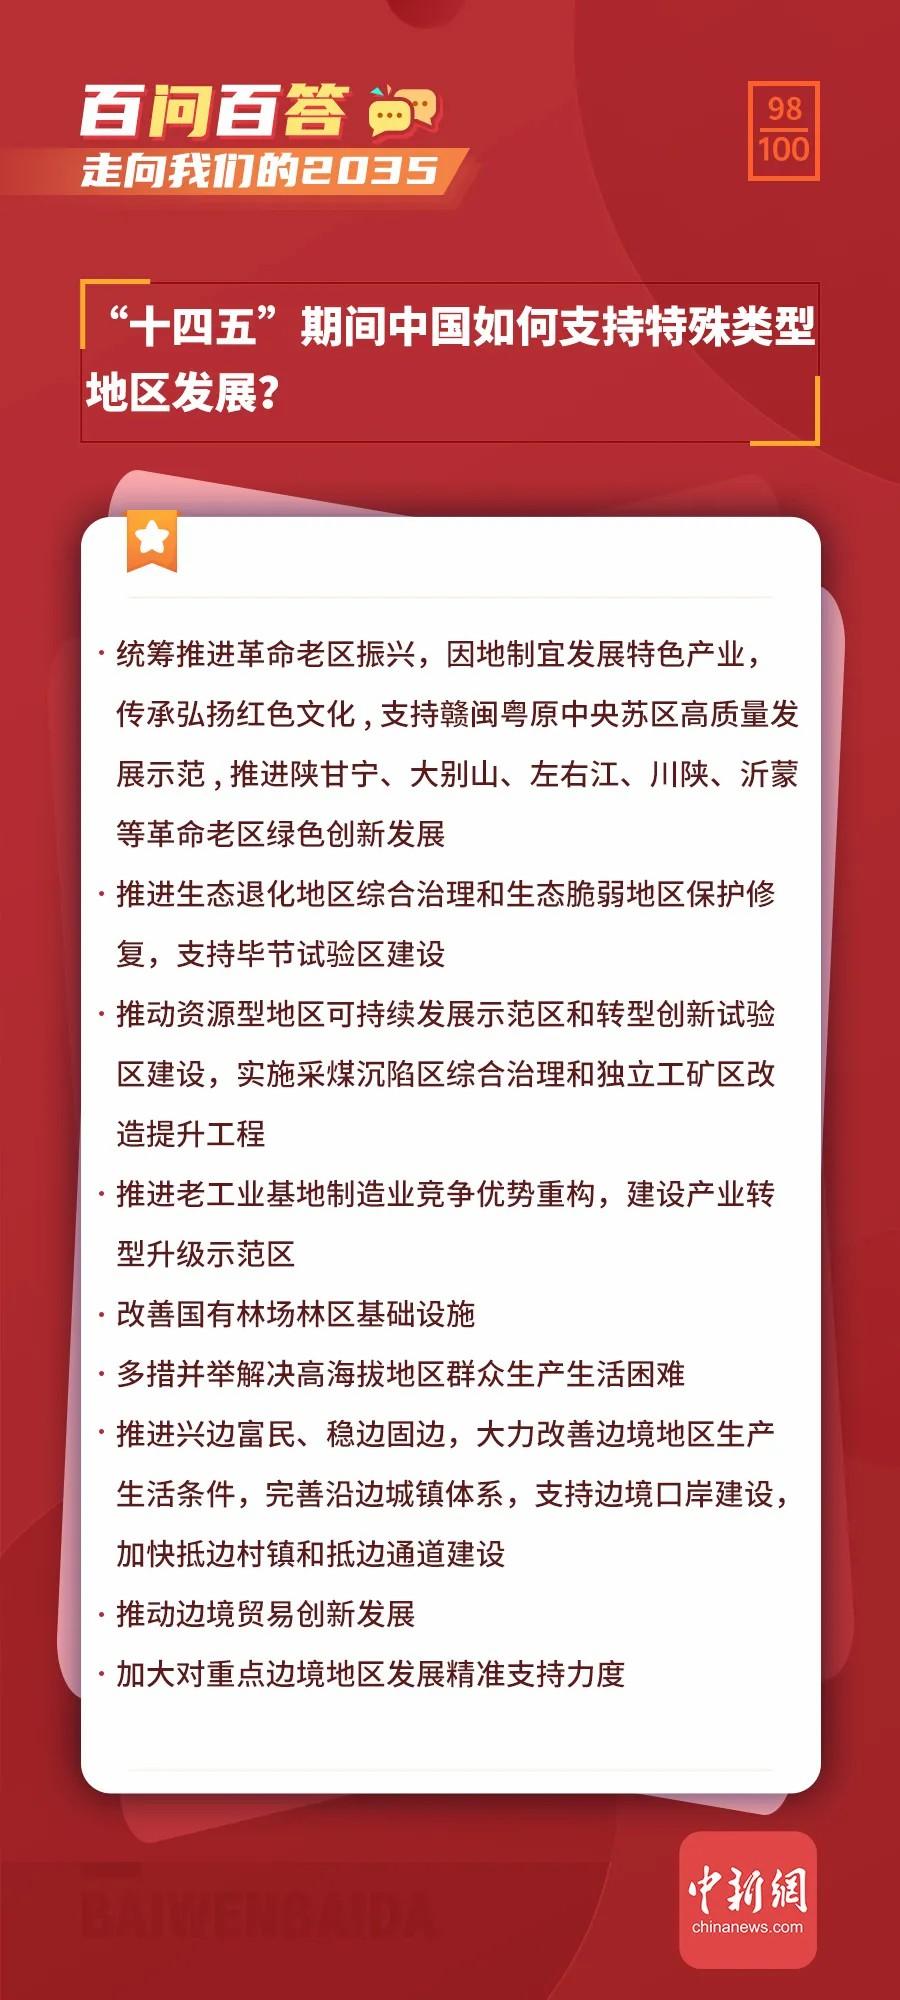 """【走向我们的2035·百问百答】""""十四五""""期间中国如何支持特殊类型地区发展?"""